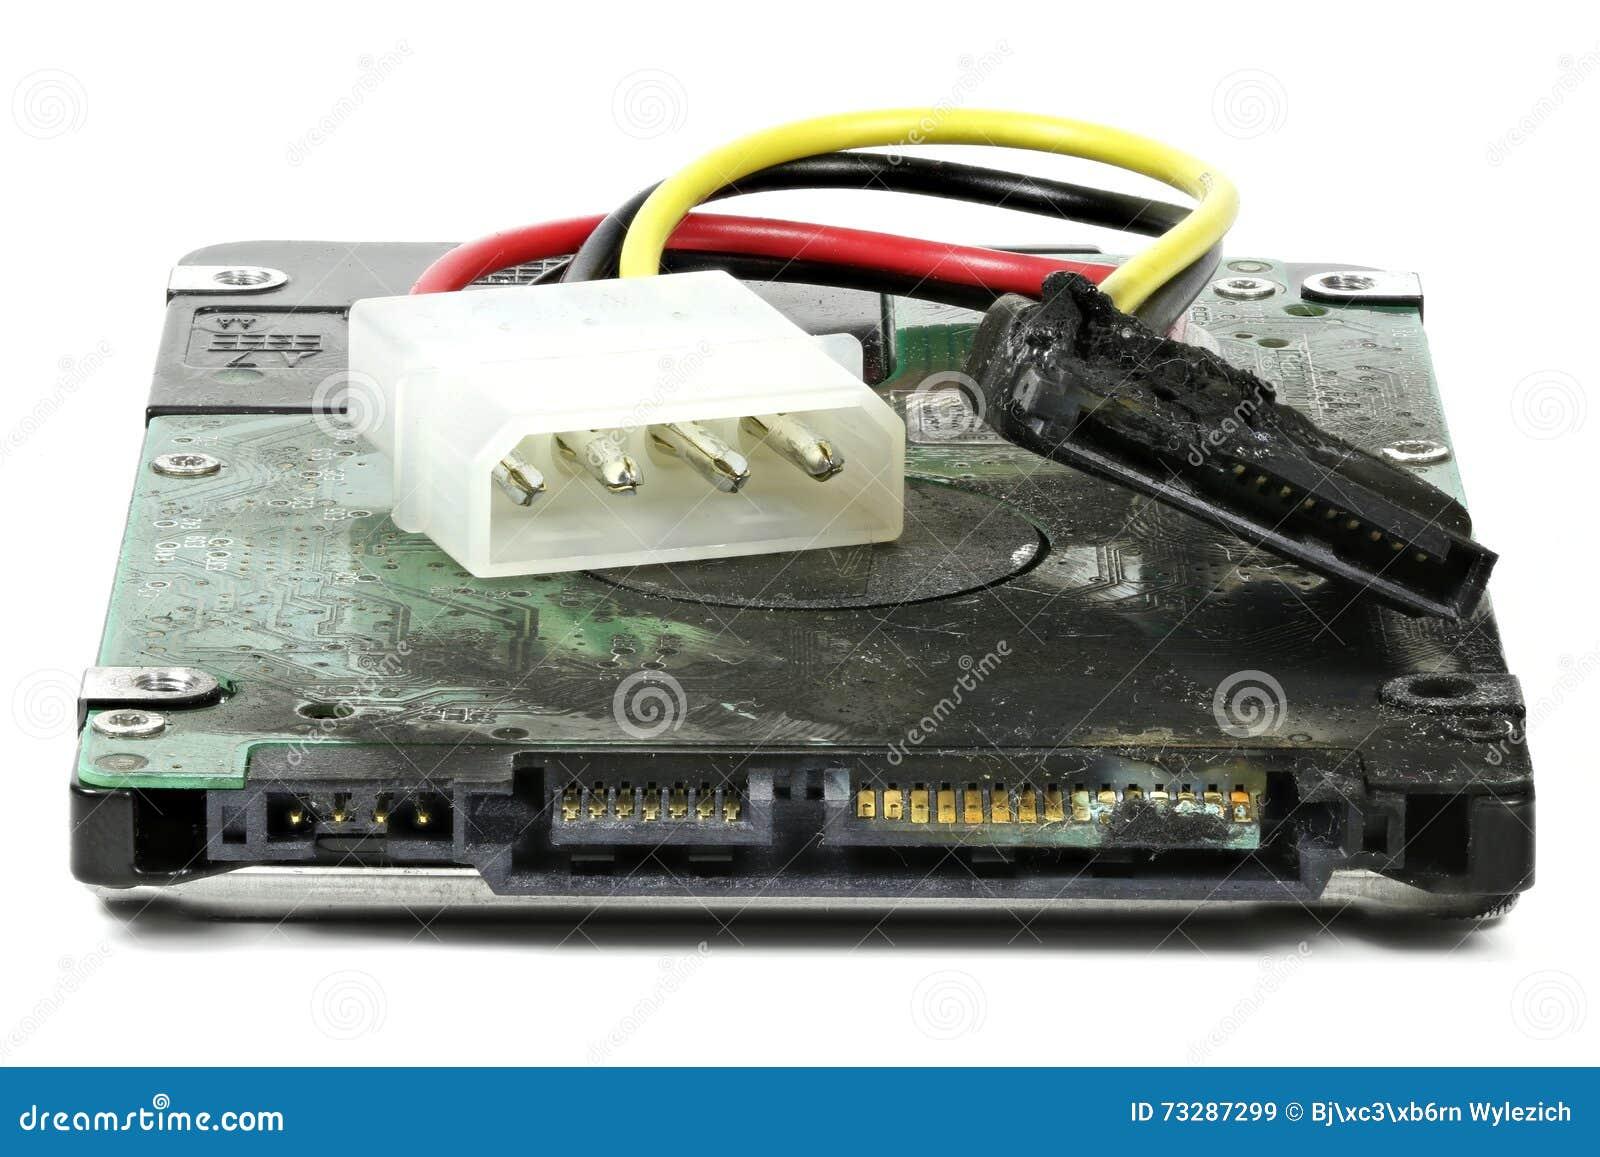 Unité de disque dur carbonisée